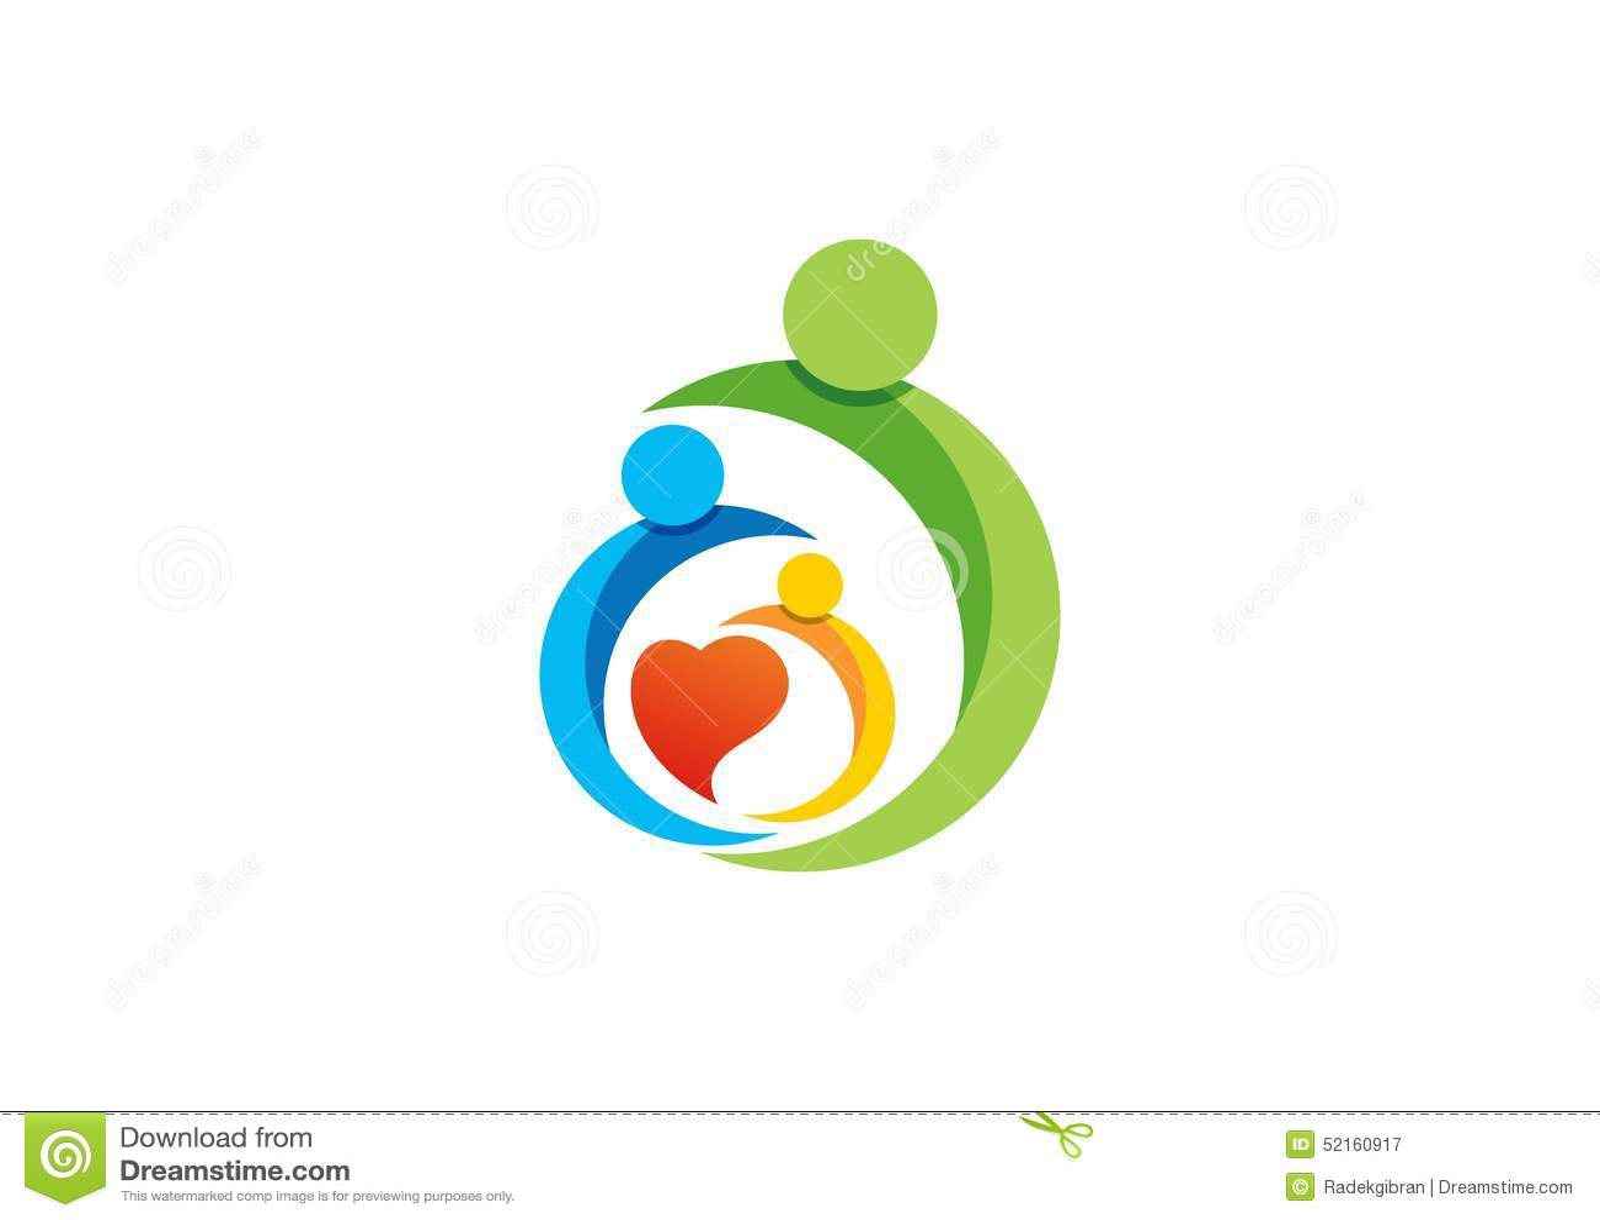 Famille, parent, enfant, coeur, logo, parenting, soin, cercle, santé, éducation, vecteur de conception d icône de symbole